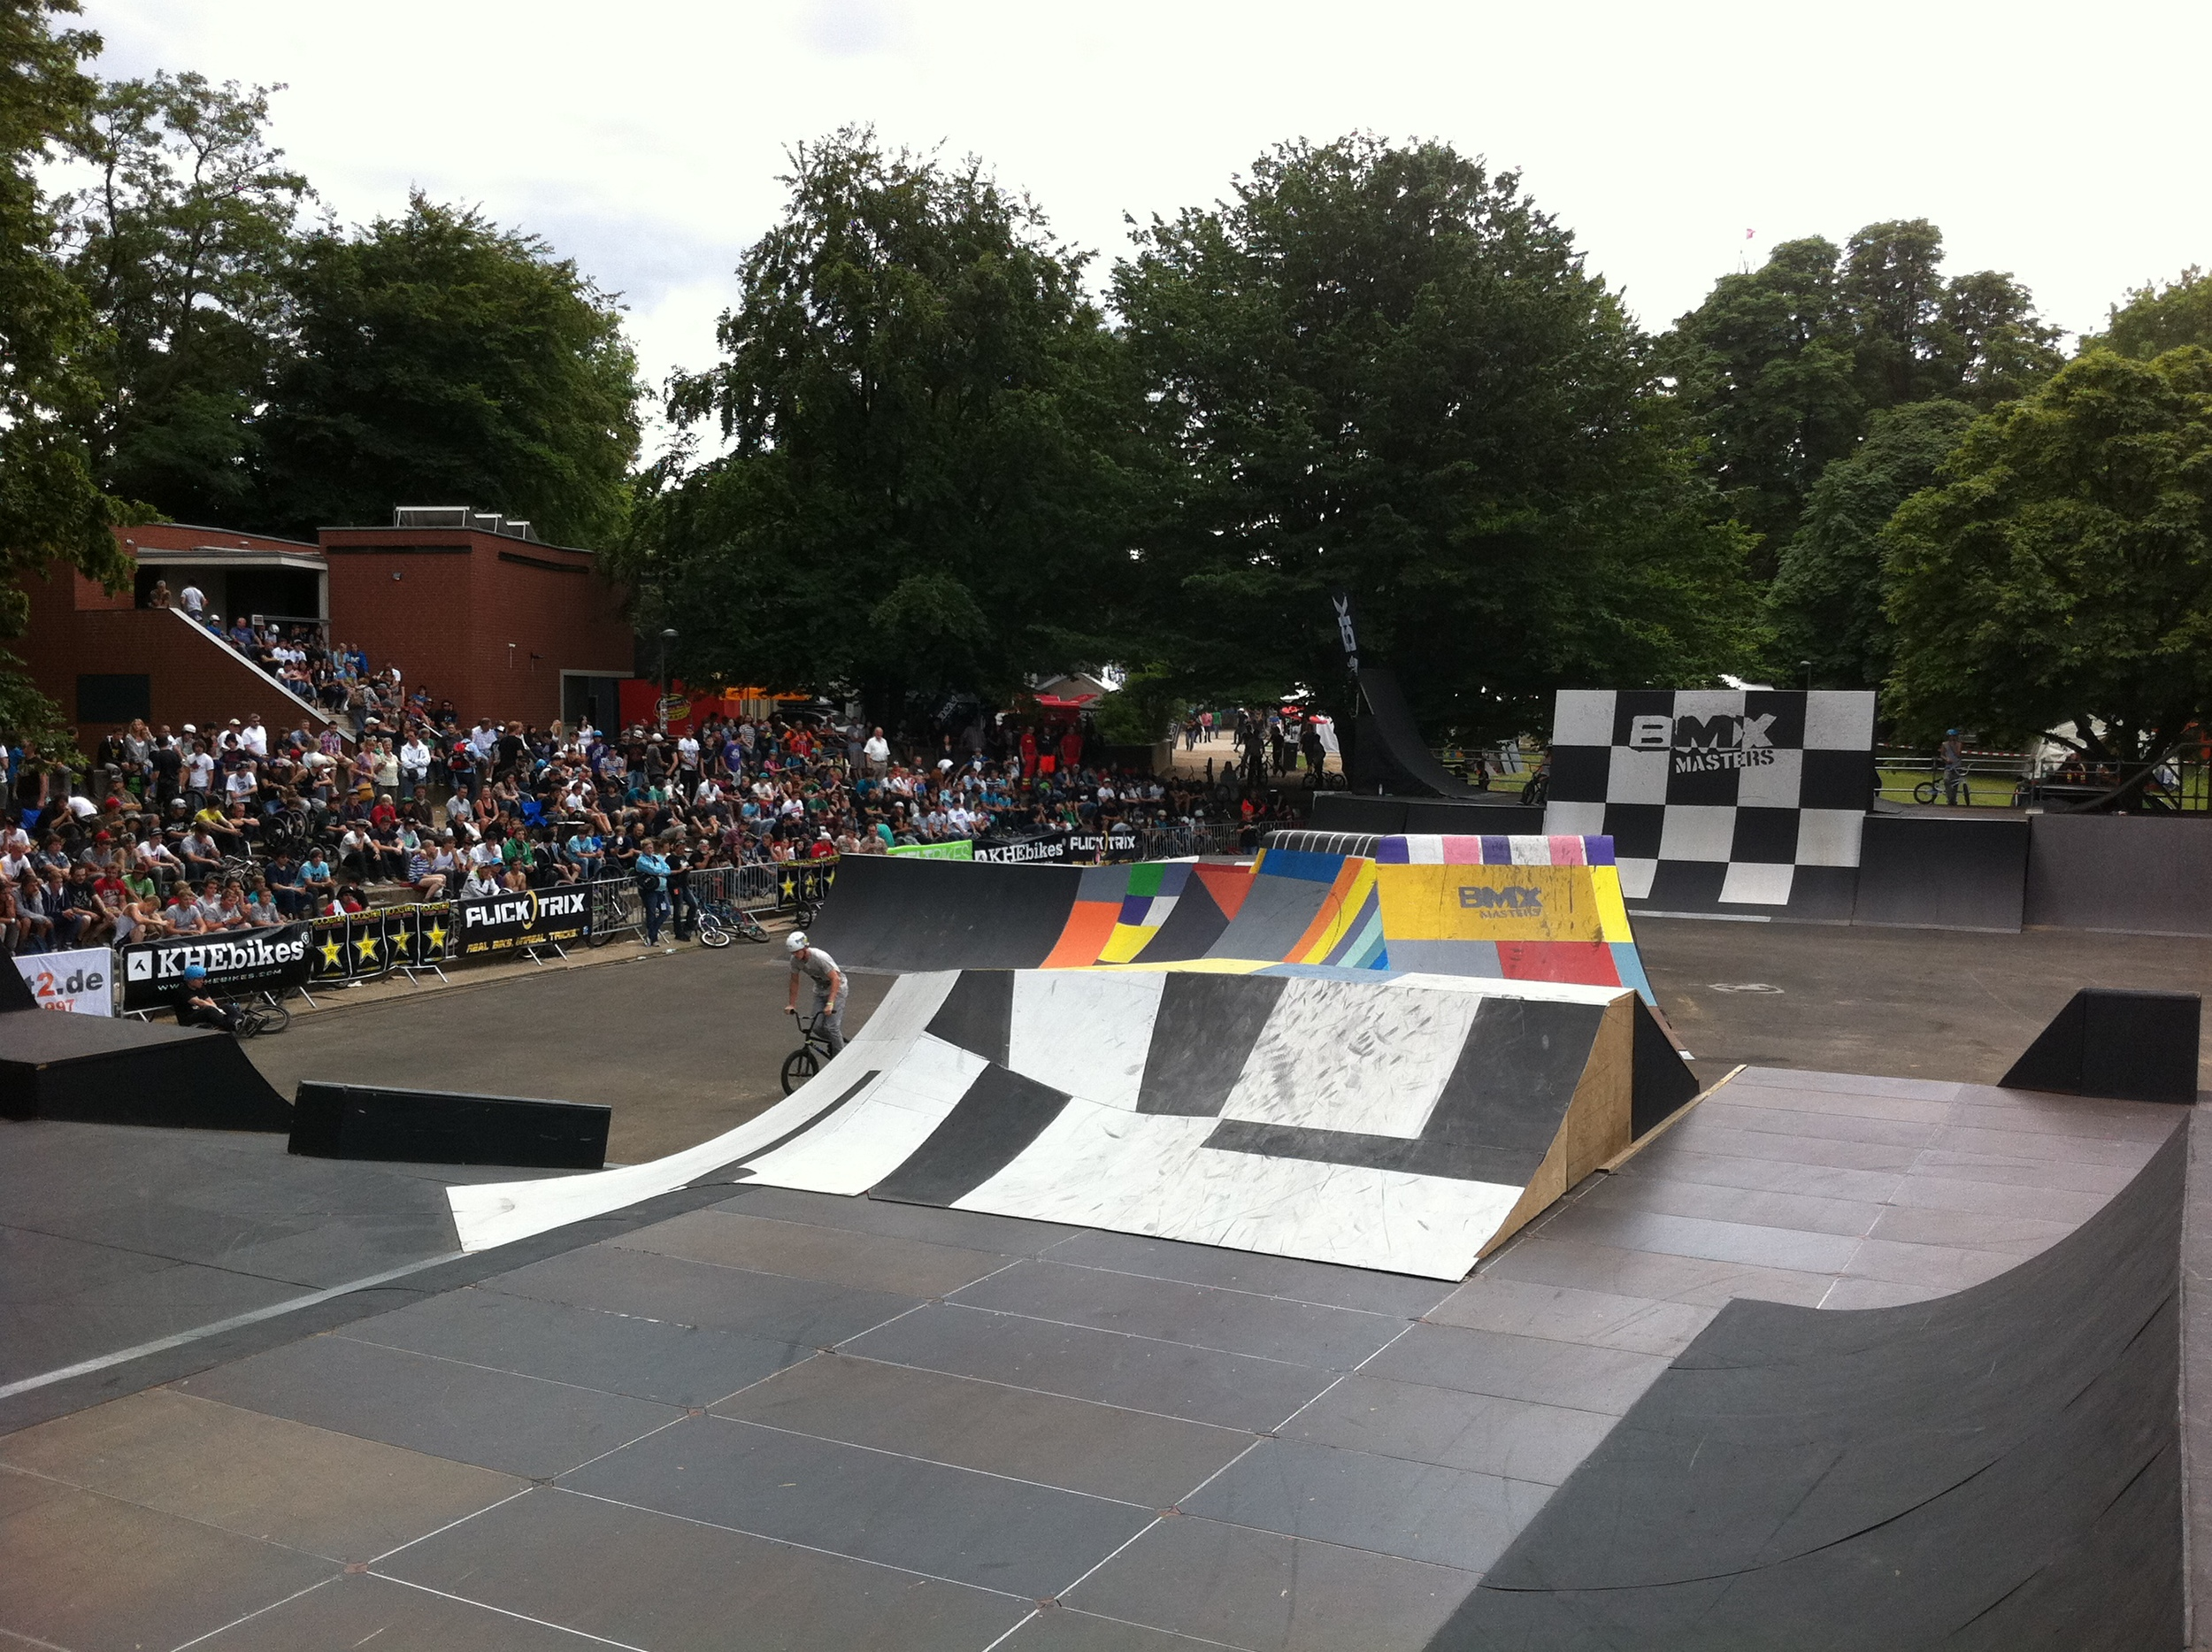 localpark-peter-jandt-bikepark-bmx-masters